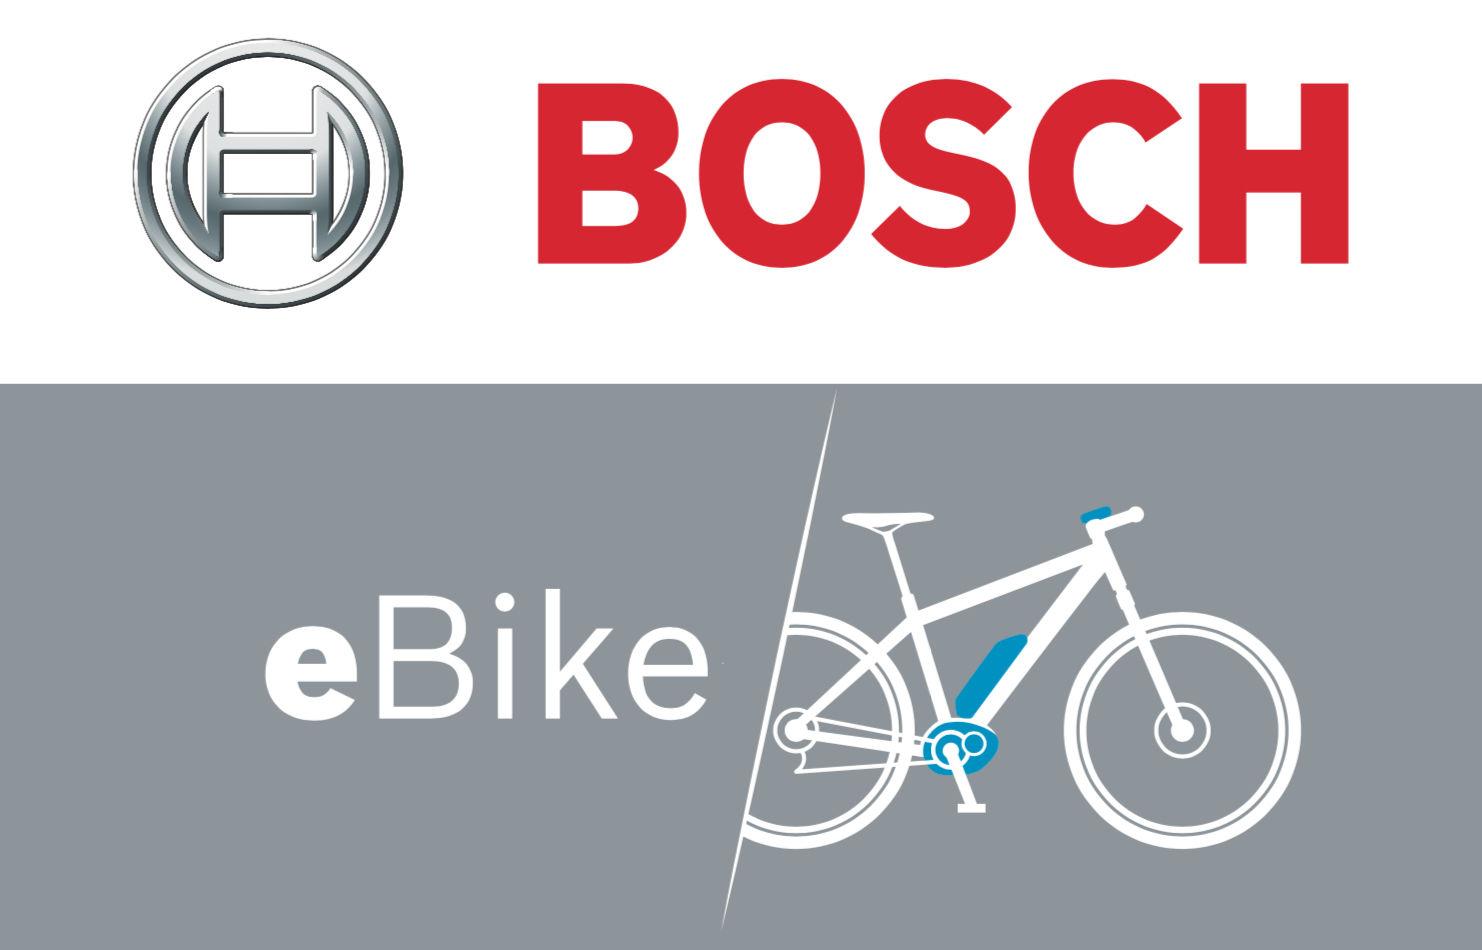 Bosch-e-bike logo